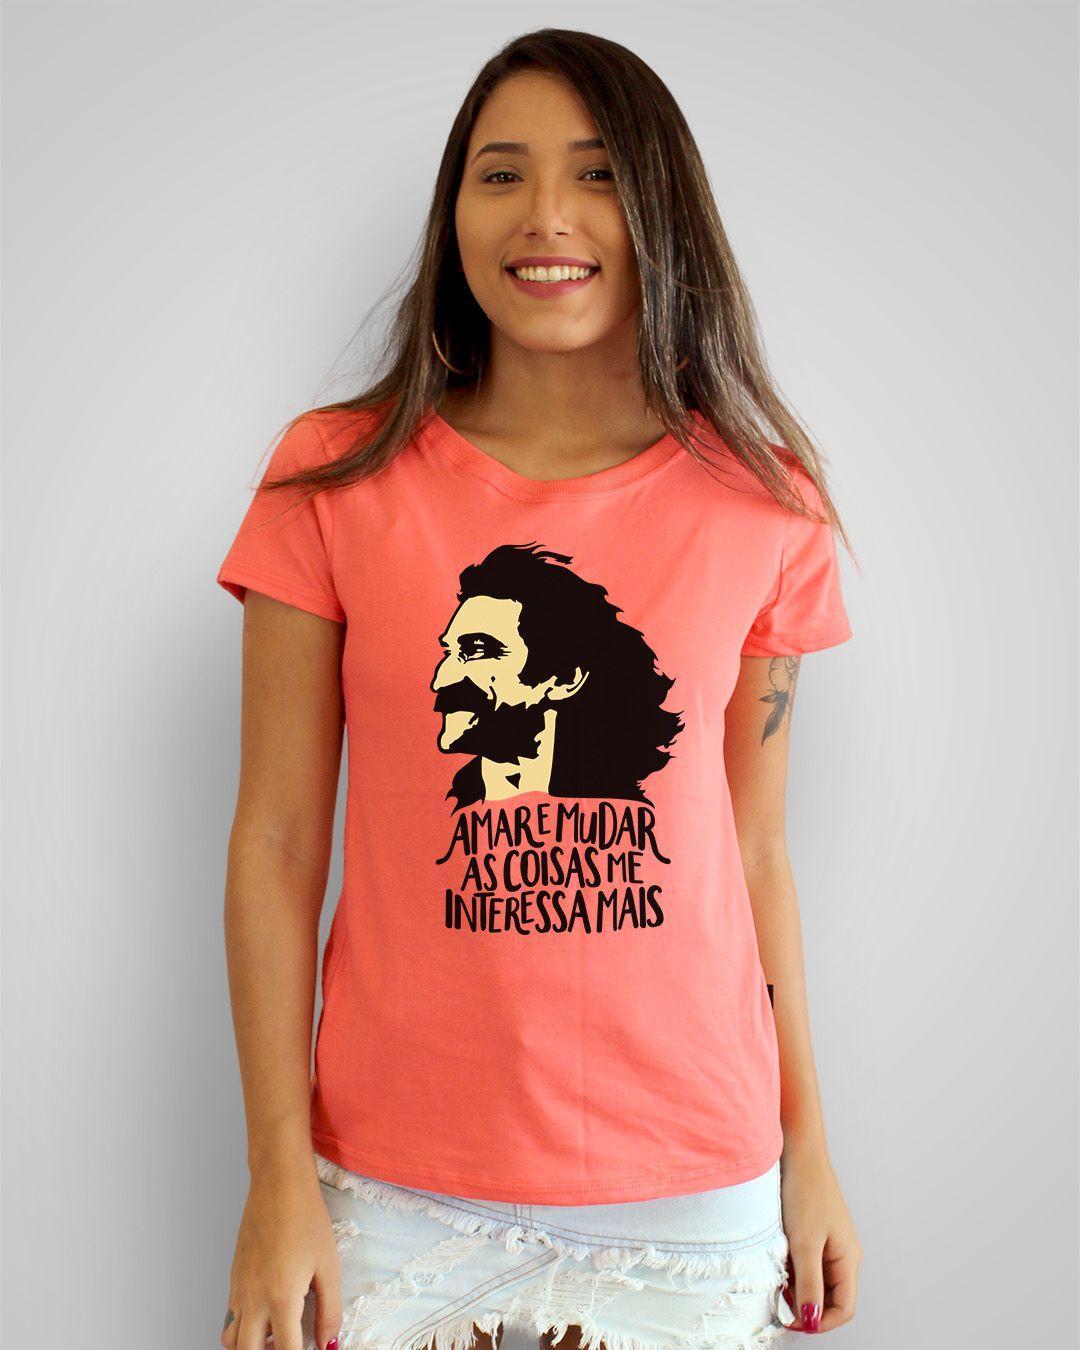 Camiseta Amar e mudar as coisas me interessa mais - Belchior